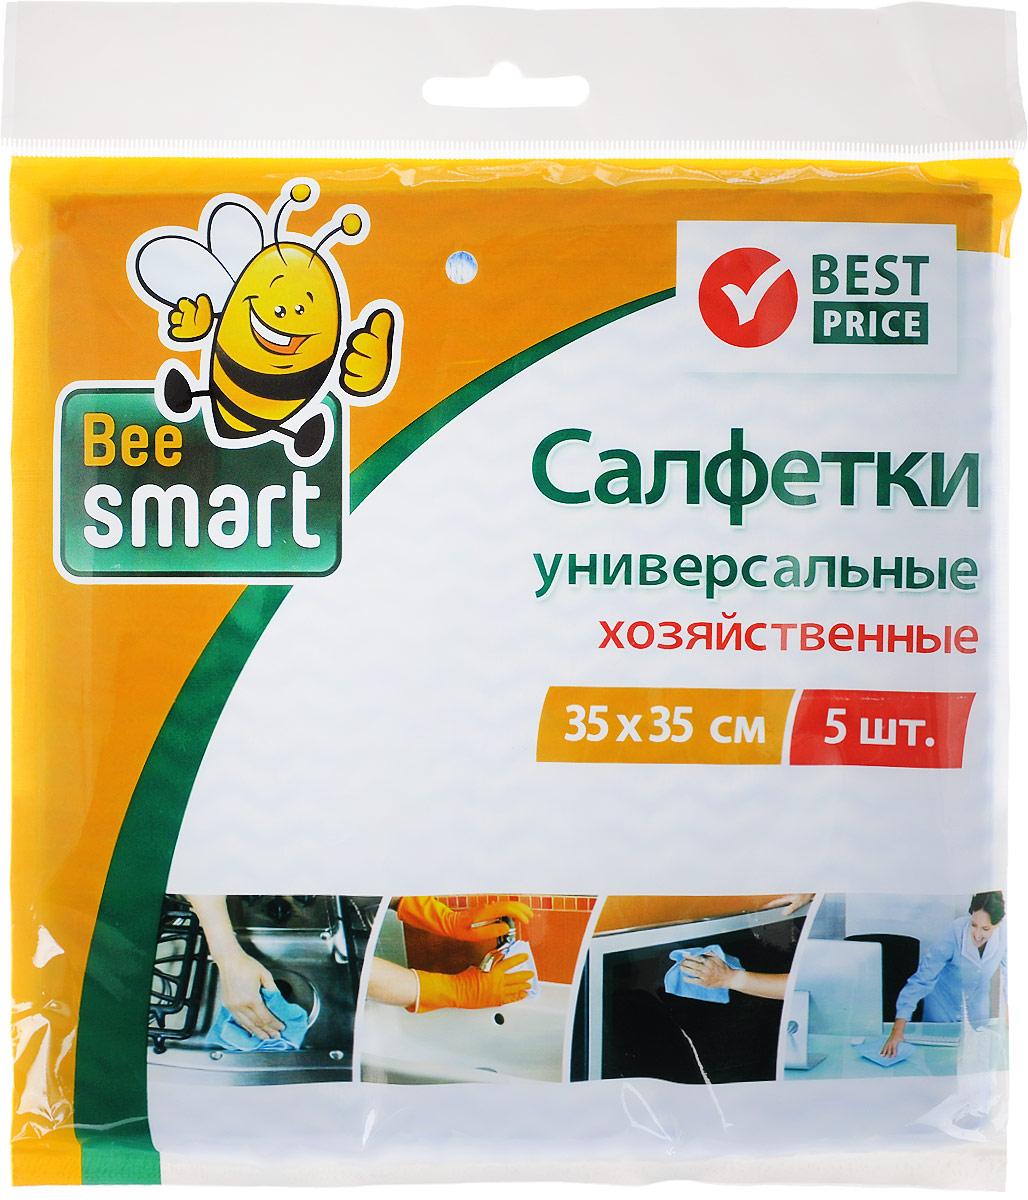 Набор универсальных салфеток Beesmart, 35 х 35 см, 5 шт410159Набор Beesmart, выполненный из нетканого полотна (вискоза, полиэстер), состоит из 5 салфеток. Изделия предназначены для сухой и влажной уборки. Отлично впитывают жидкости, жиры, масла. Пригодны для многоразового использования, долговечны, не оставляют следов и ворсинок. Размер салфетки: 35 х 35 см.